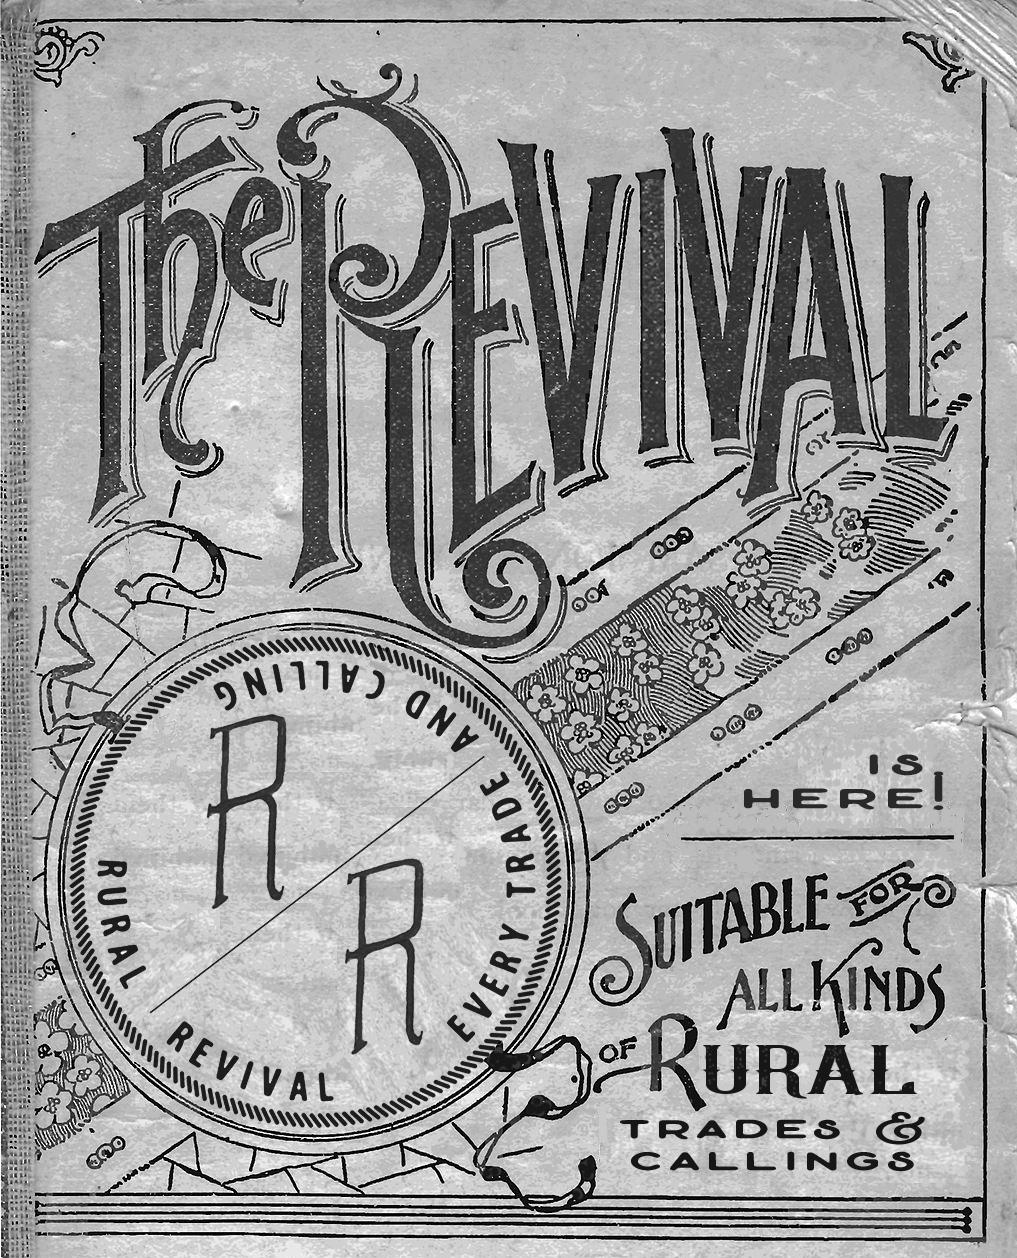 Rural Revival is Here Poster.jpg